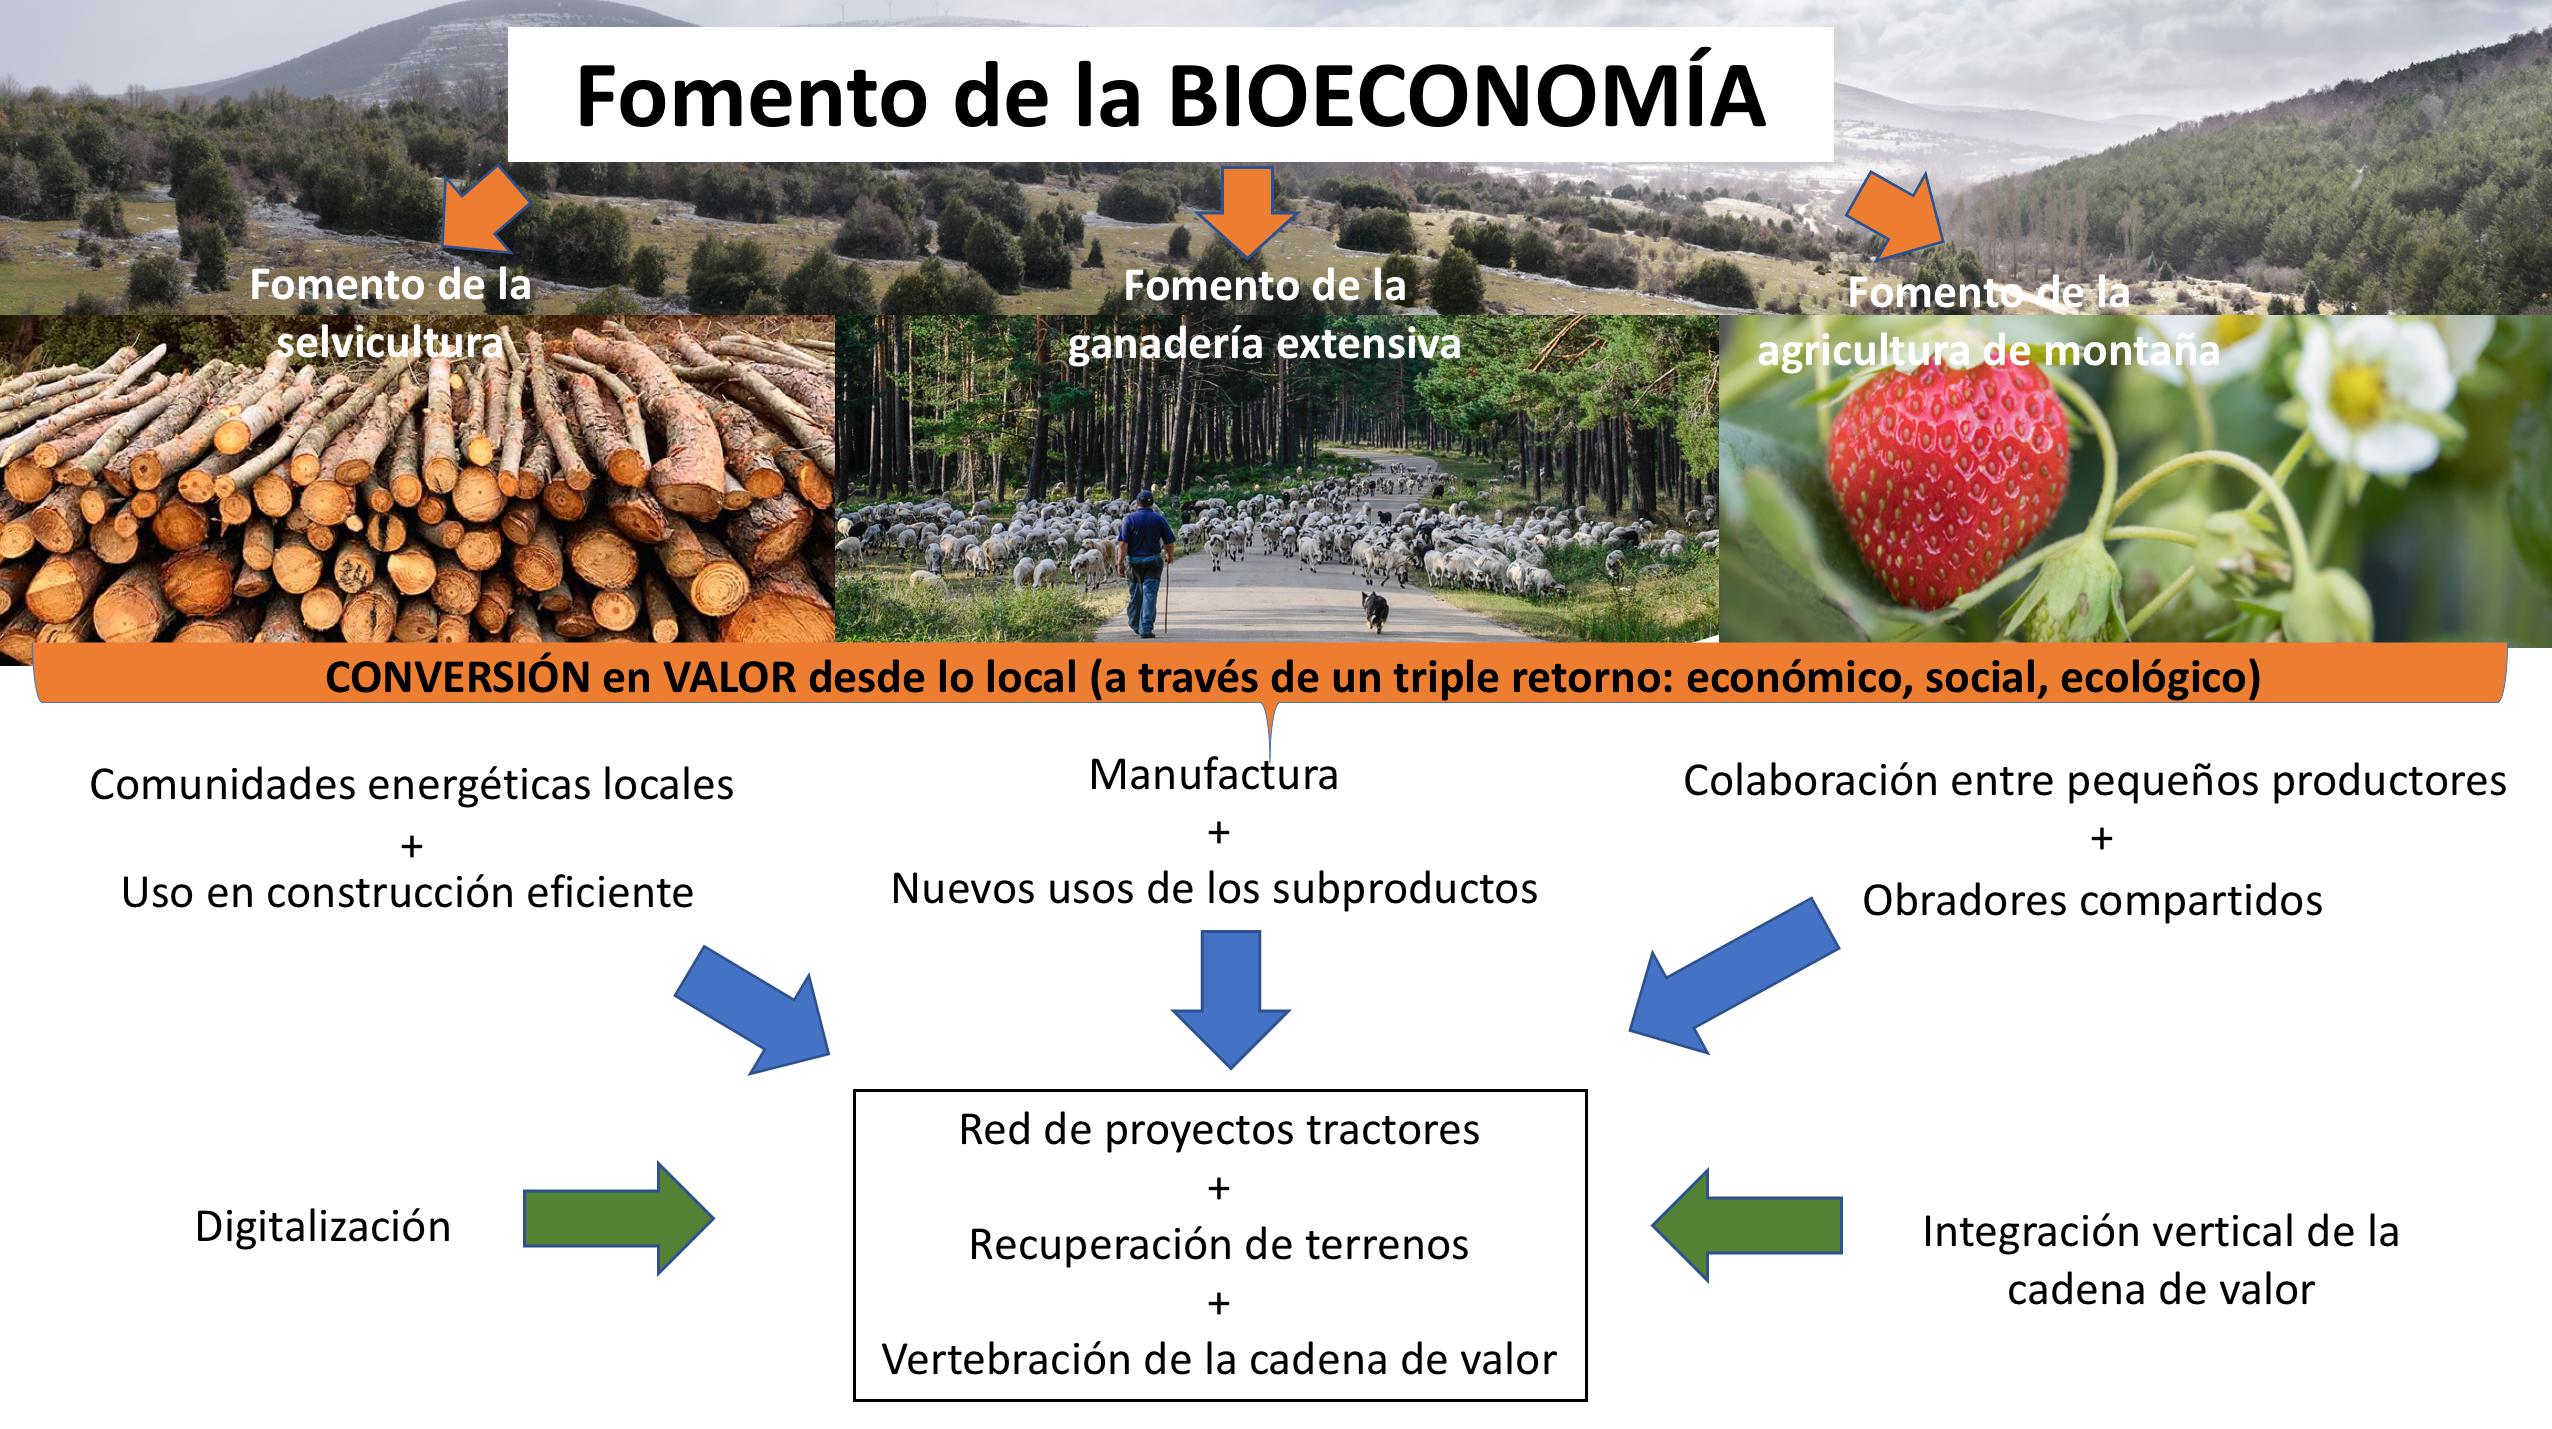 Proyecto para la recuperación de los municipios forestales